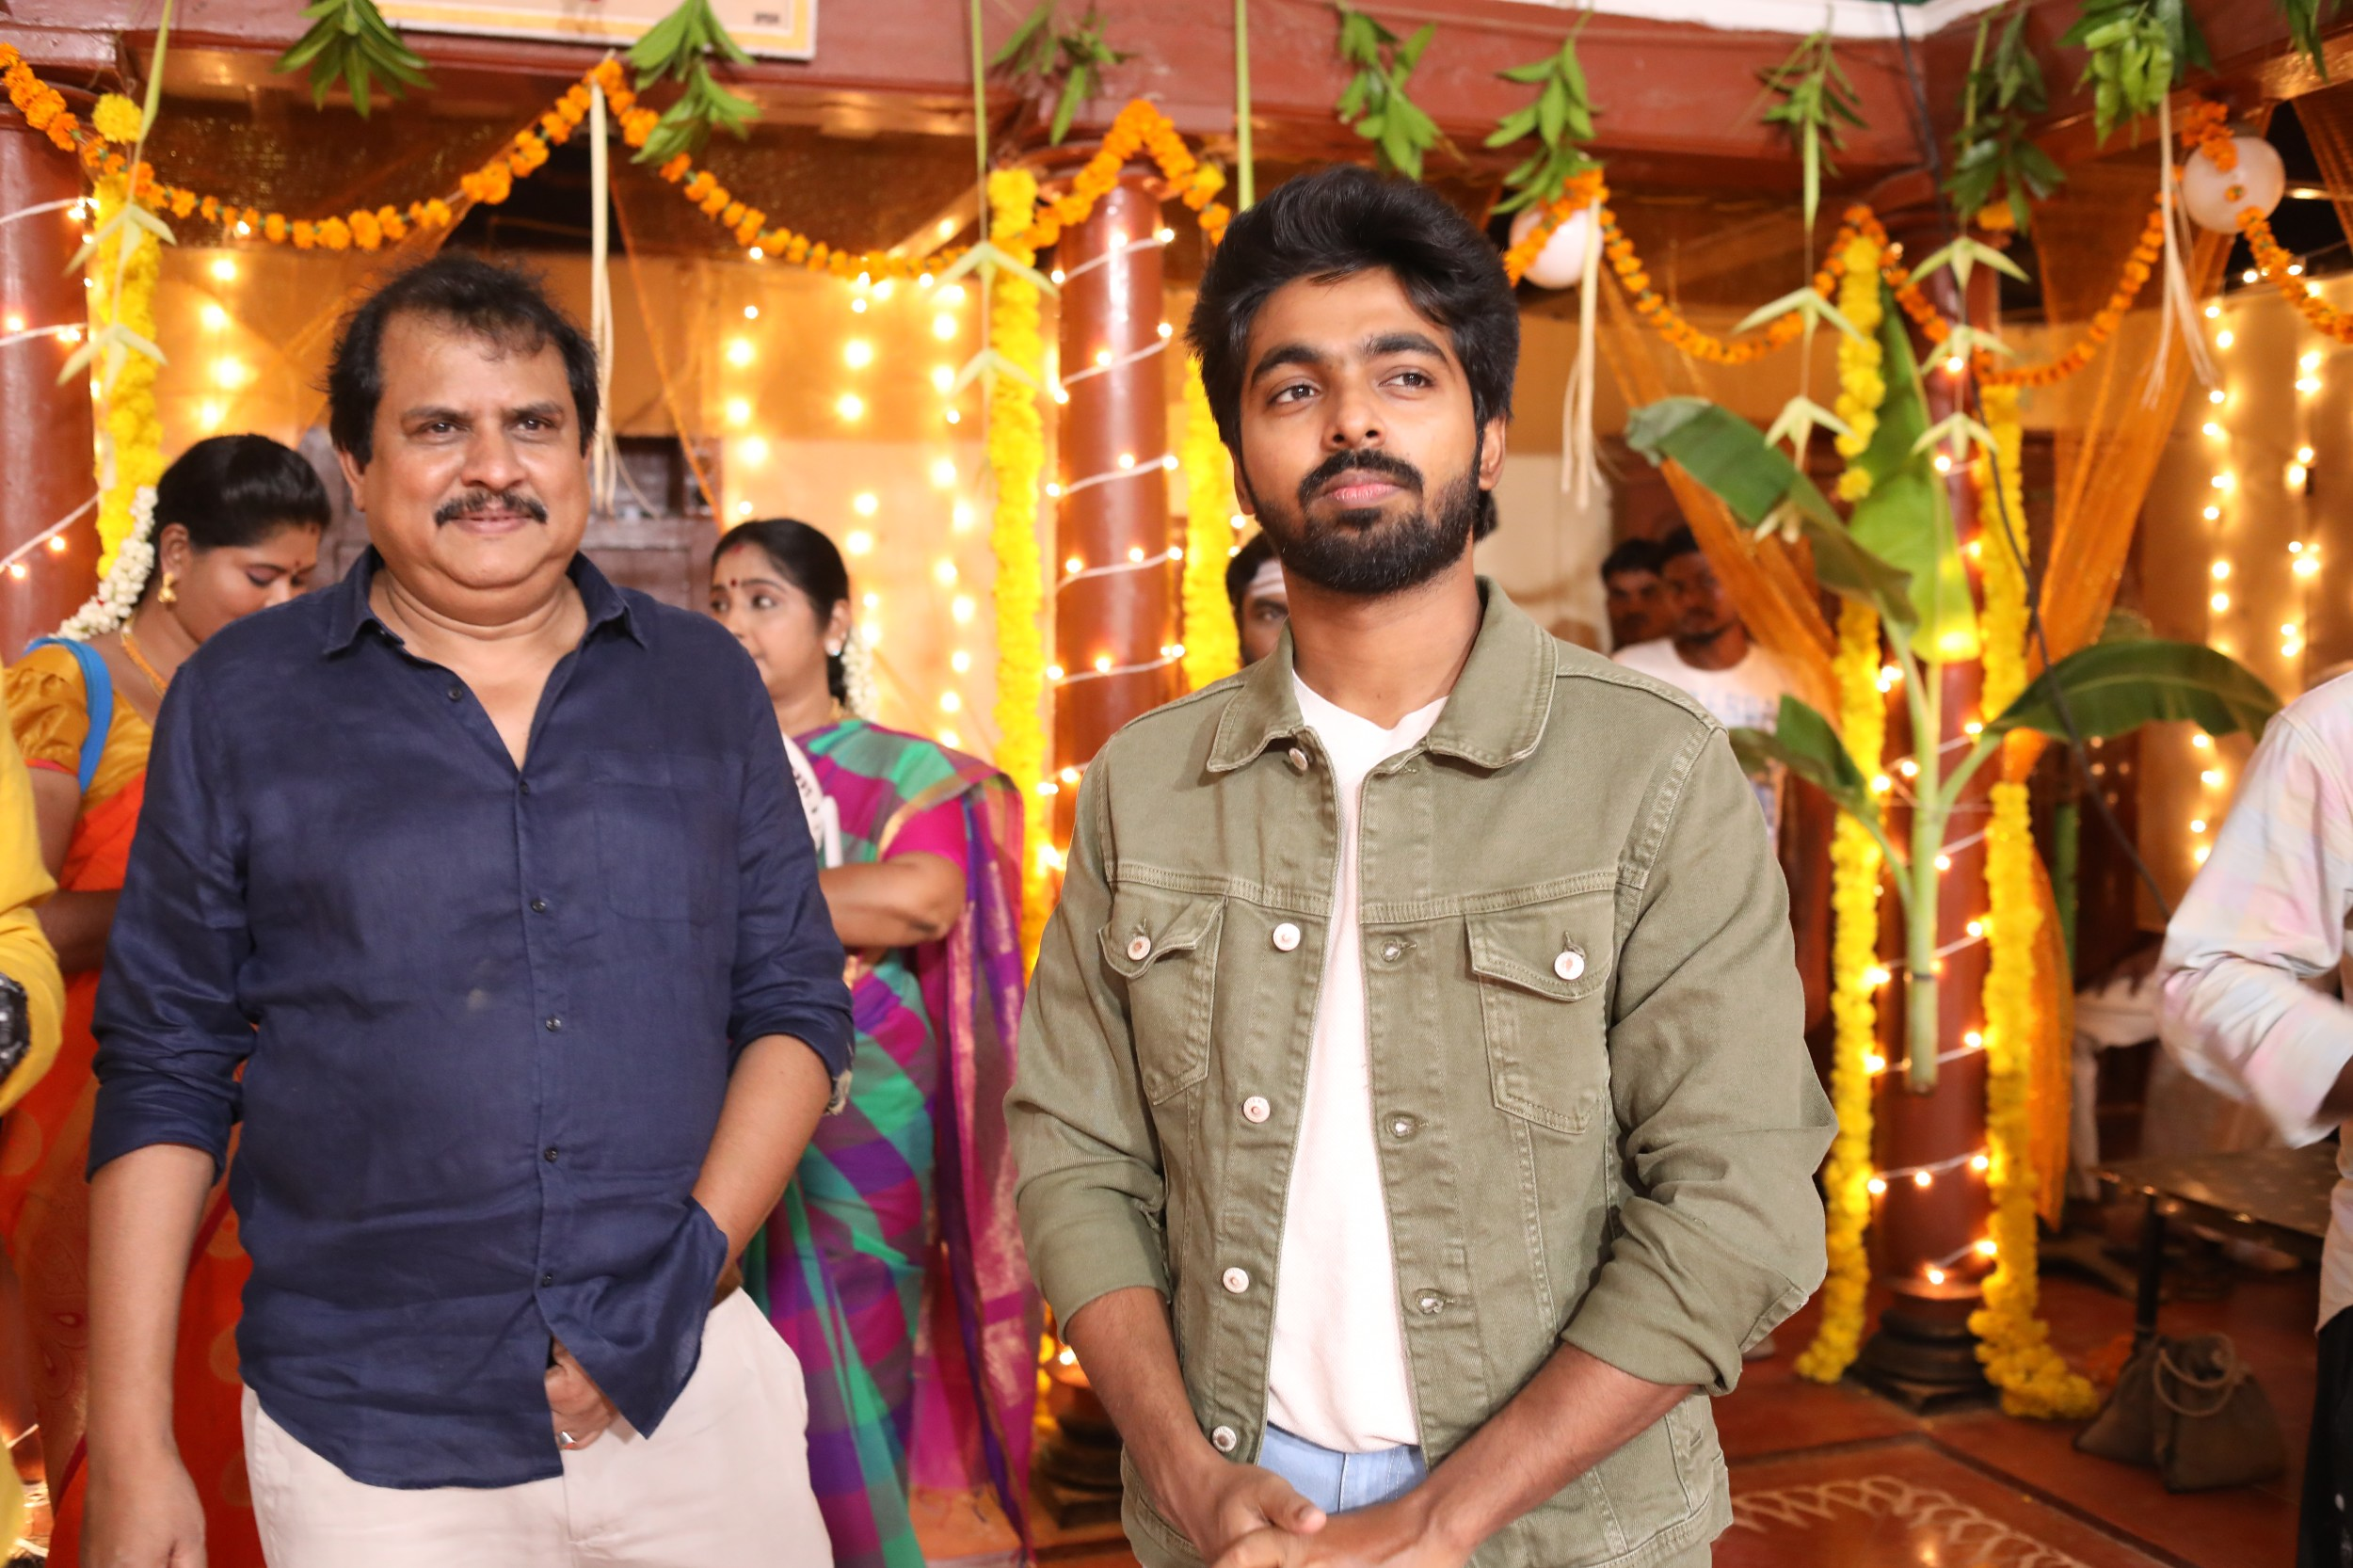 GV Prakash 'Aayiram Jenmangal' directed by Ezhil | New Movie